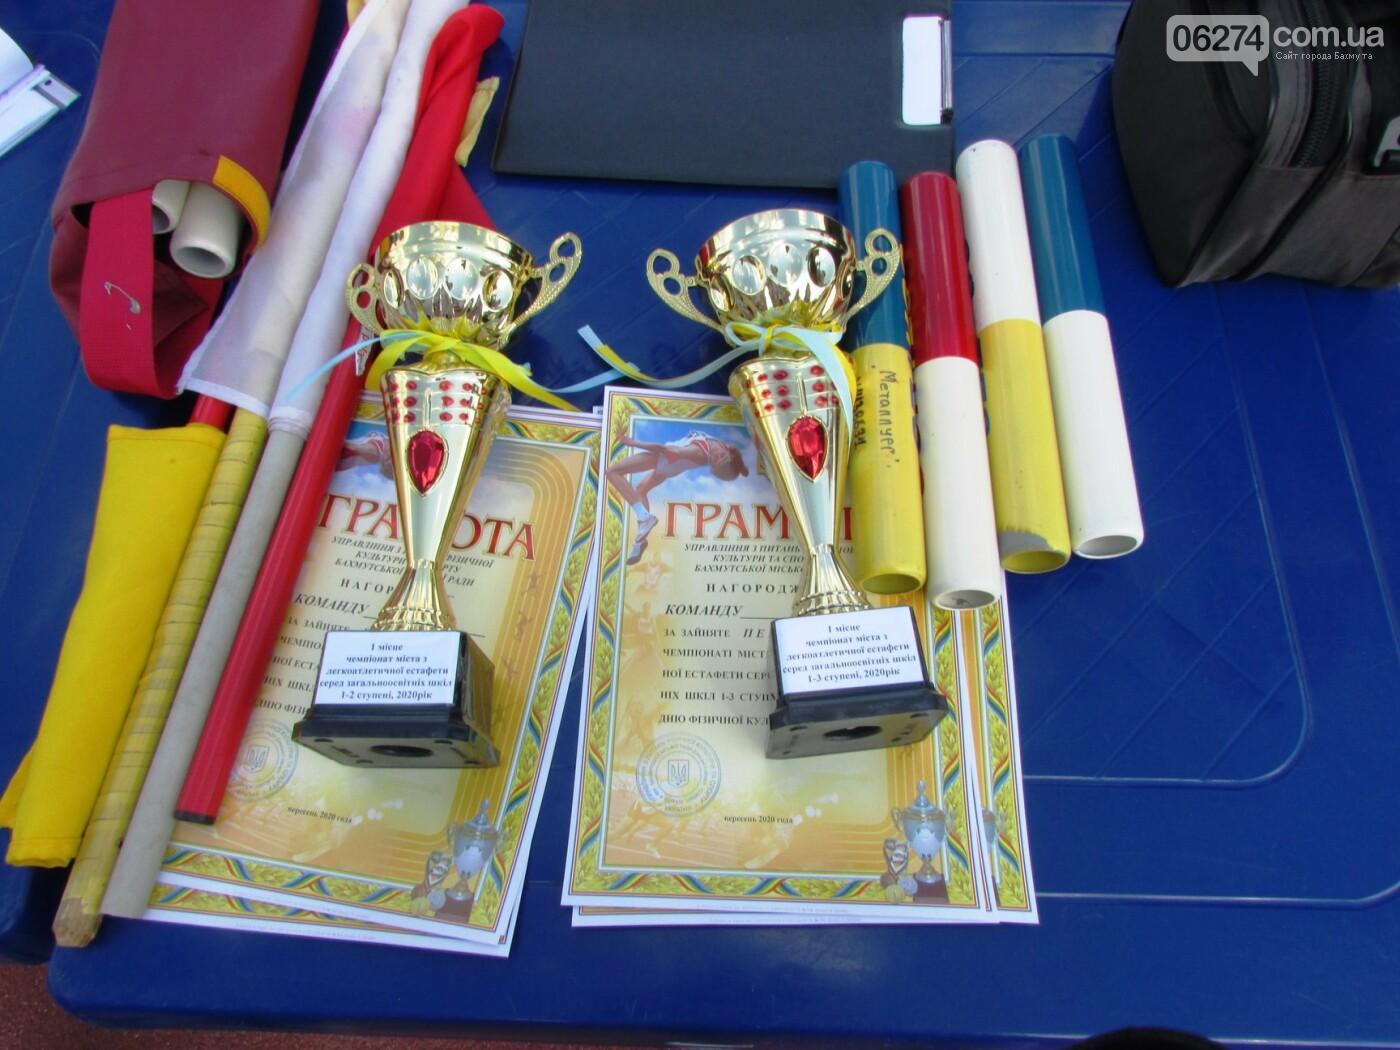 160 Бахмутских учащихся и студентов посвятили свои спортивные достижения Дню физической культуры и спорта, фото-4